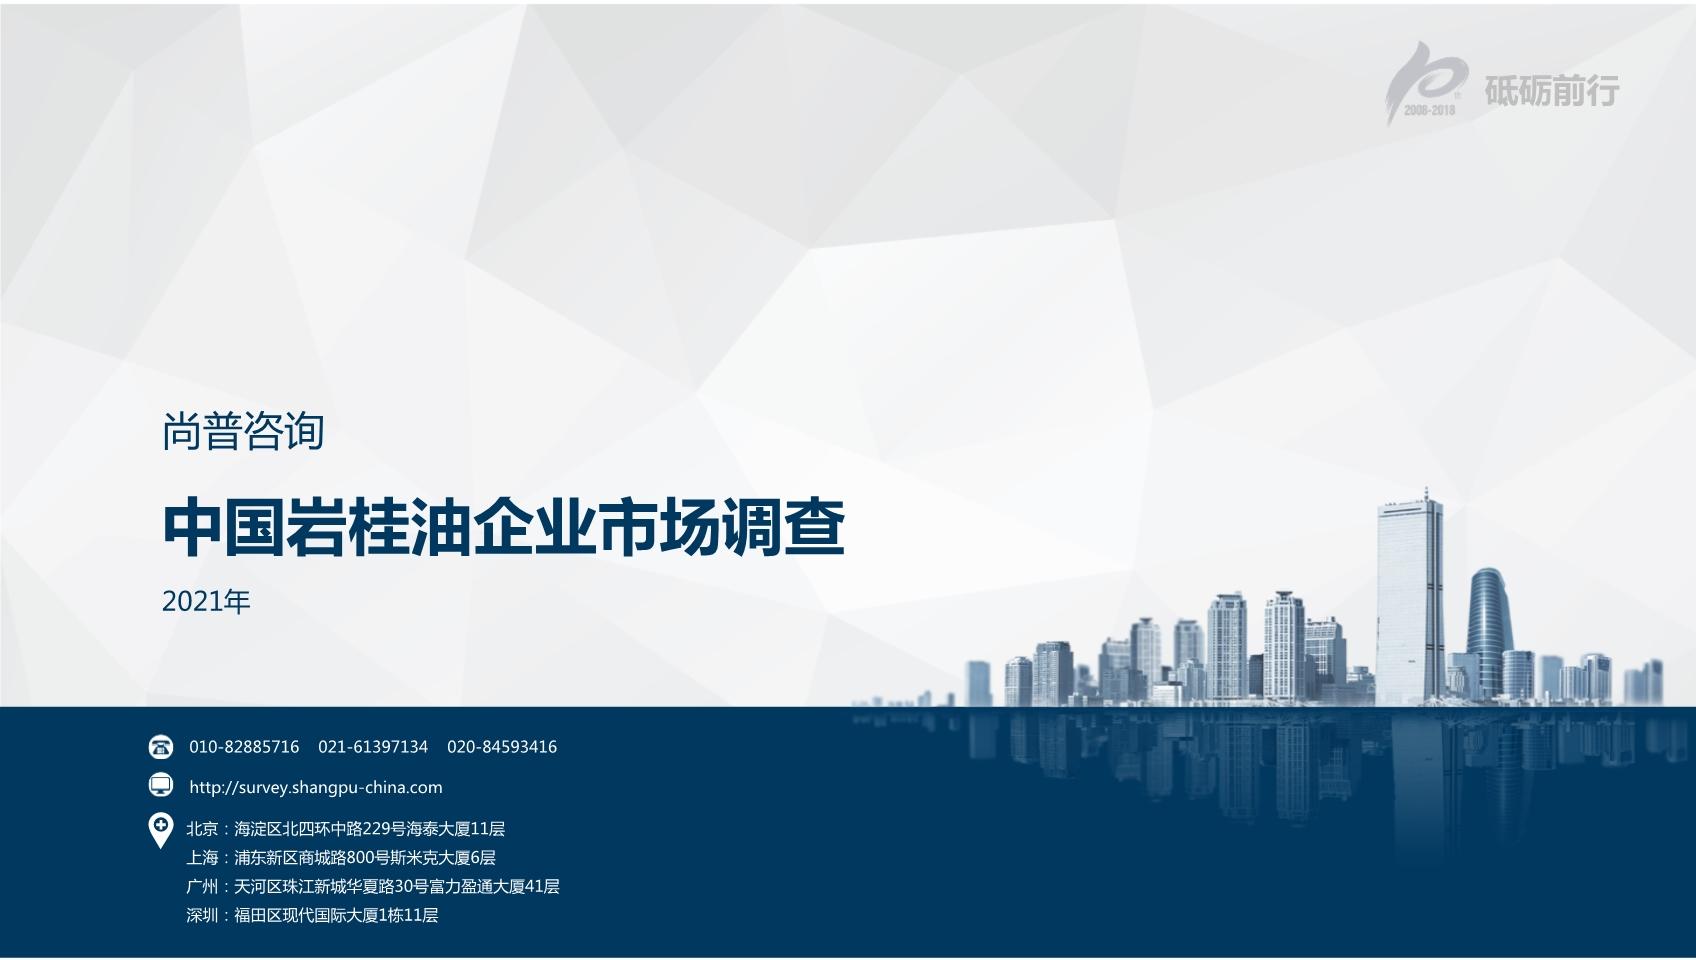 尚普咨询:2021年中国岩桂油企业市场调查